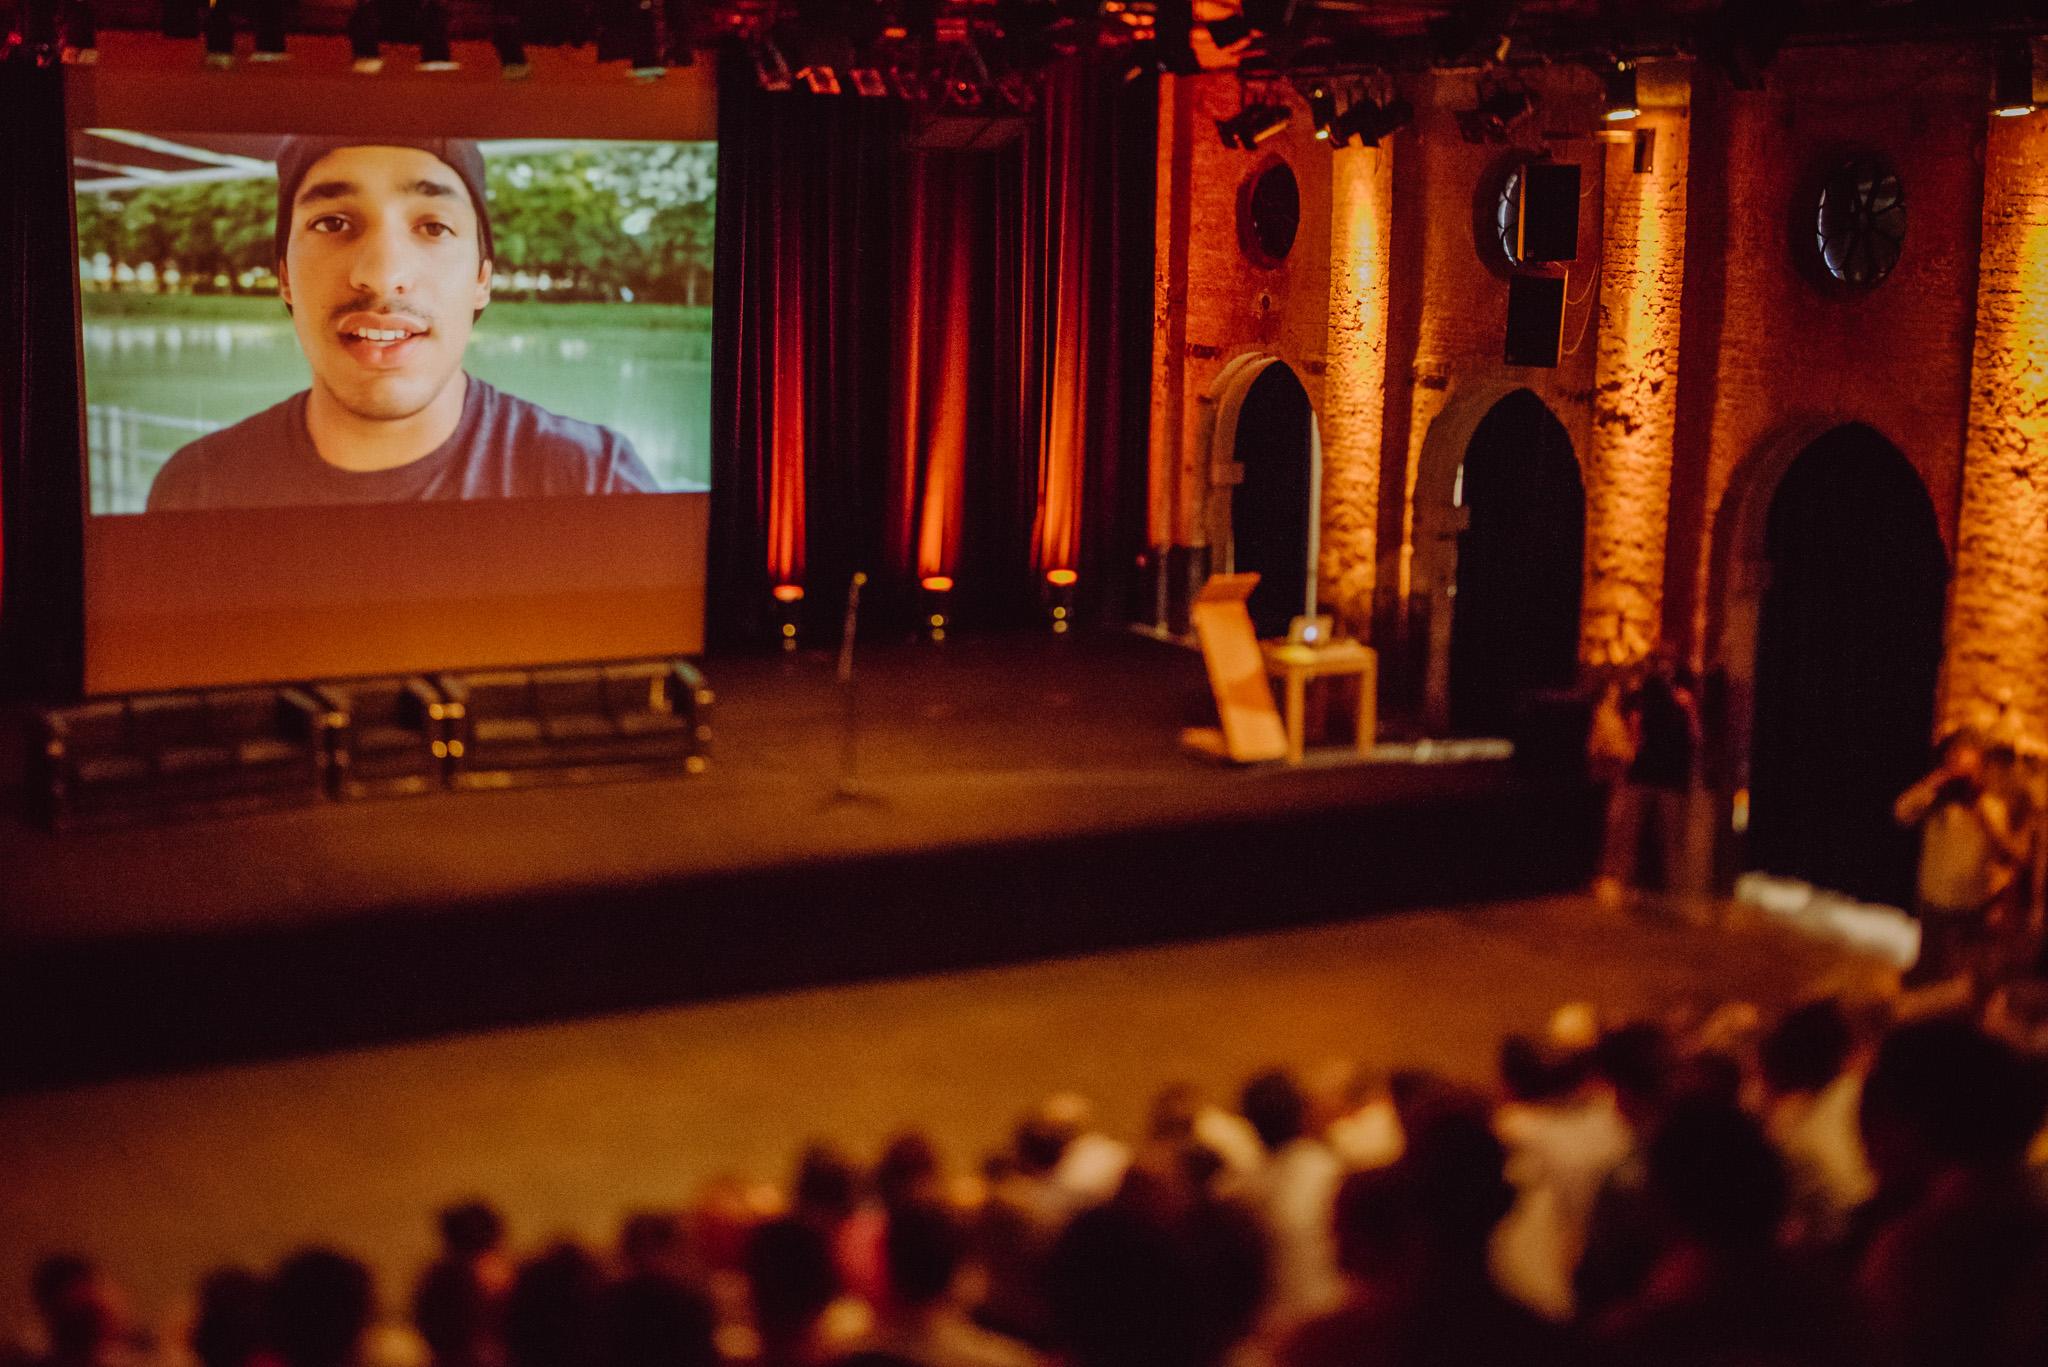 Angelo Medagoda van Friends and Fools maakte een video op het Graduation event